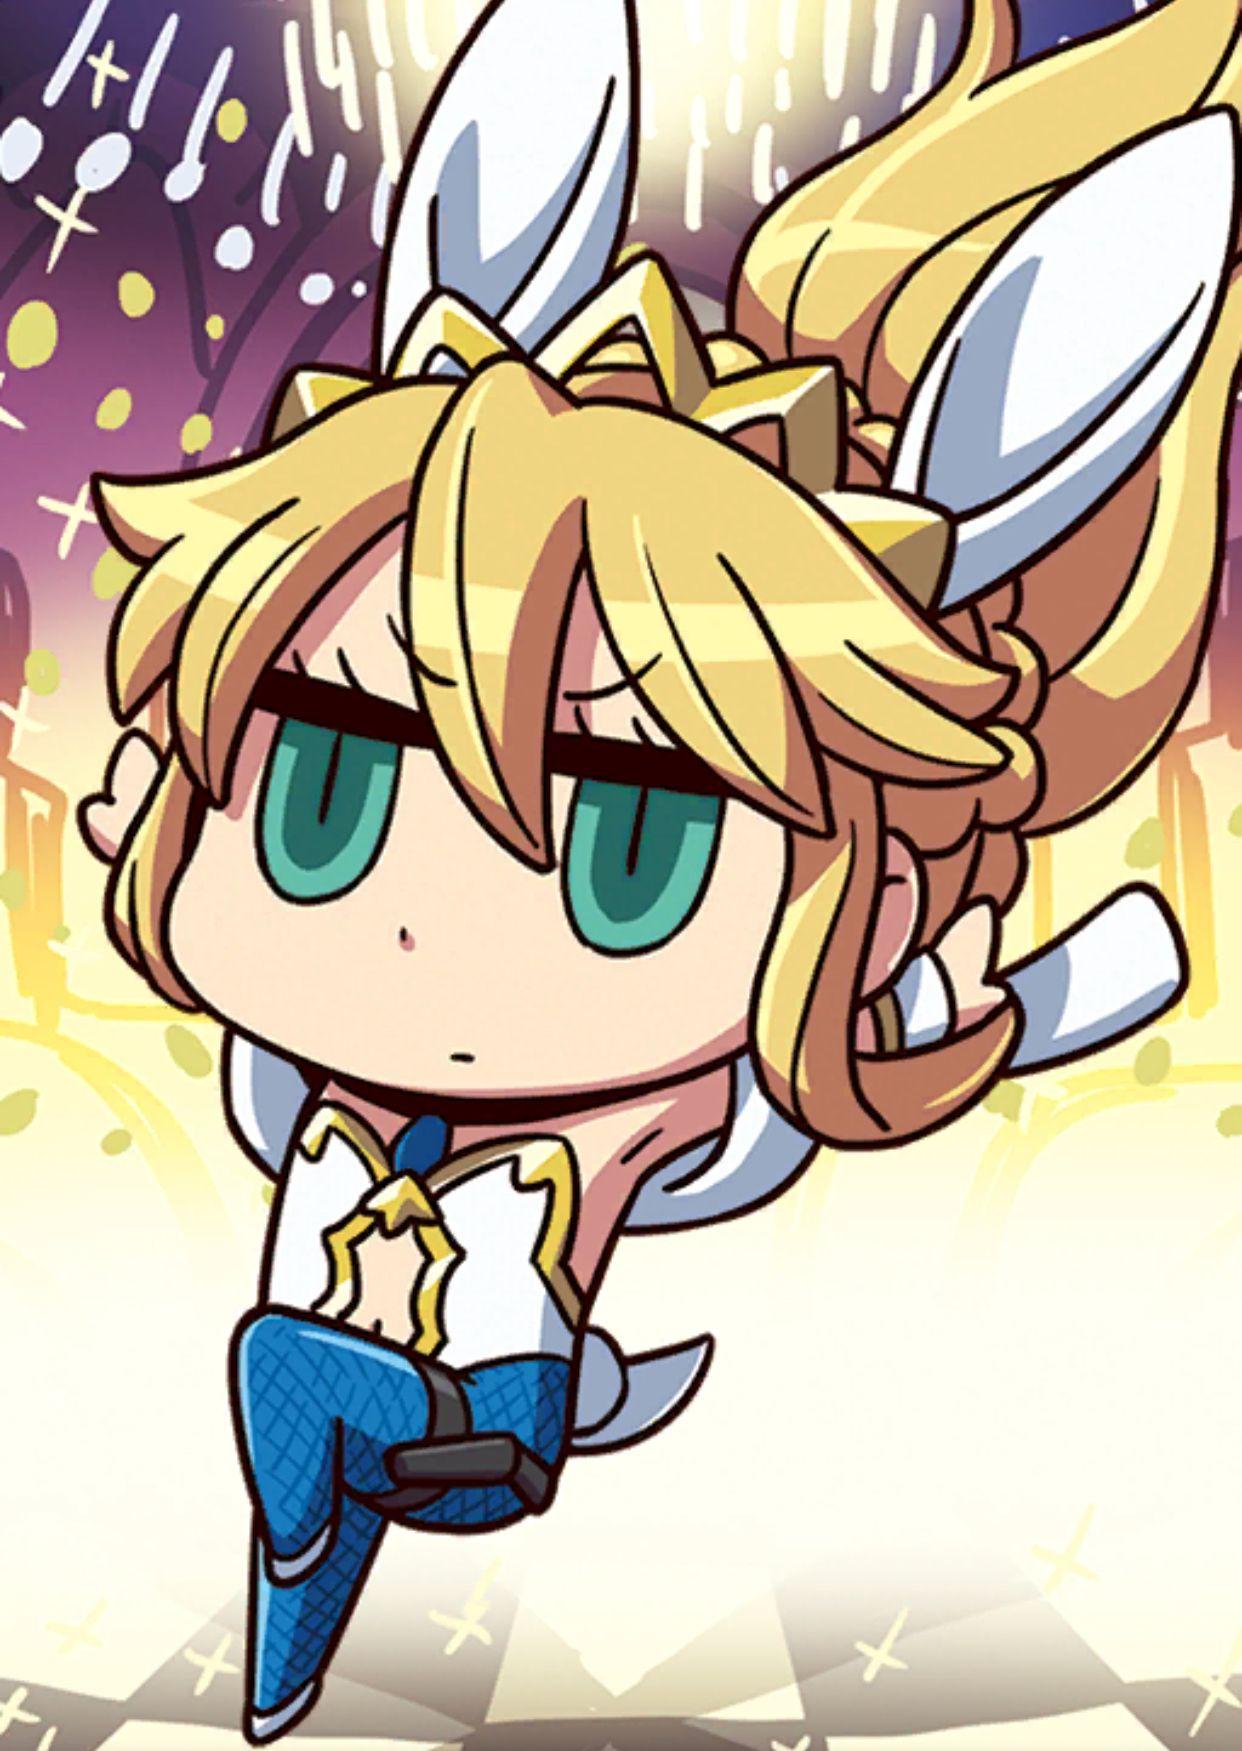 Artoria Pendragon (Ruler) Fate/Grand Order Wikia